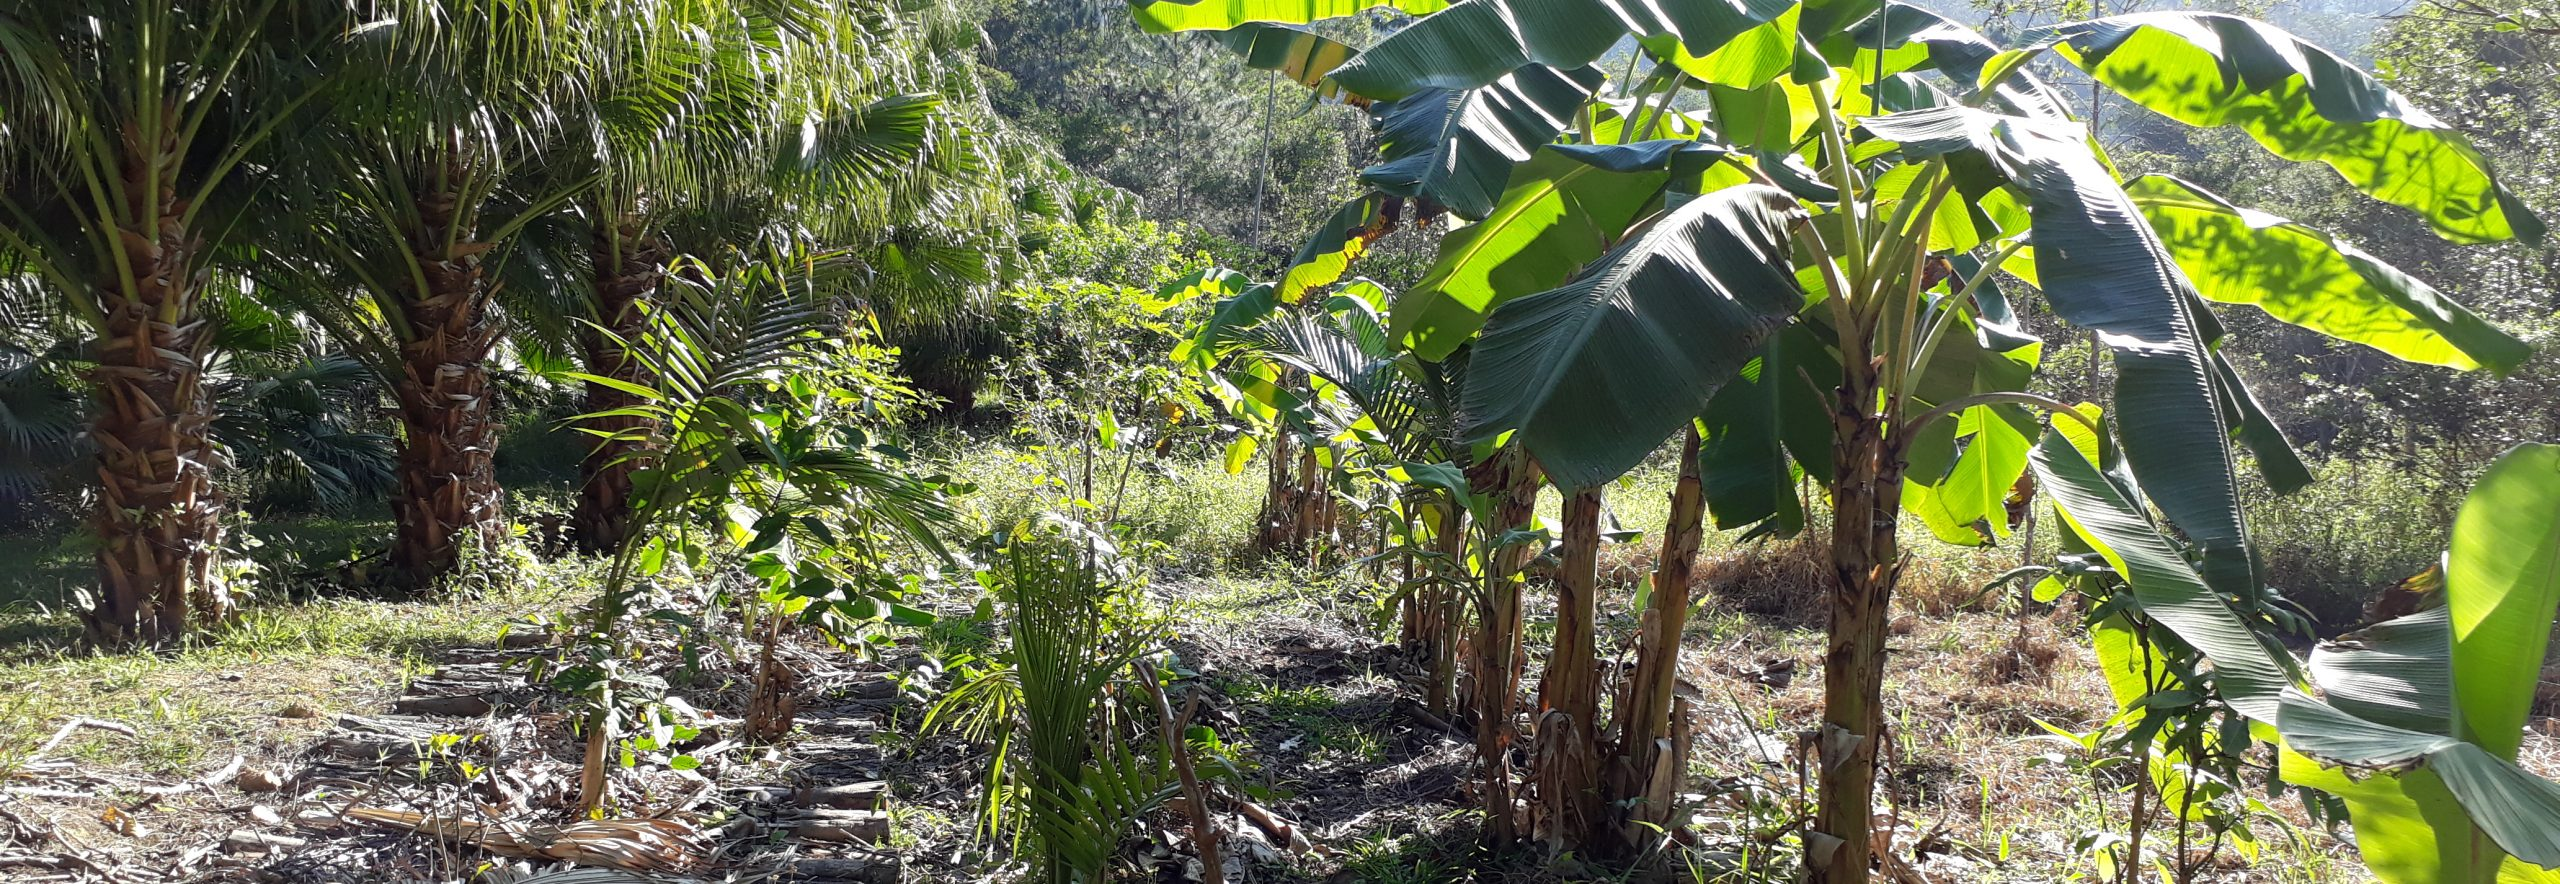 Nova Oikos Permacultura e Bioconstrução - nova.oikos@gmail.com